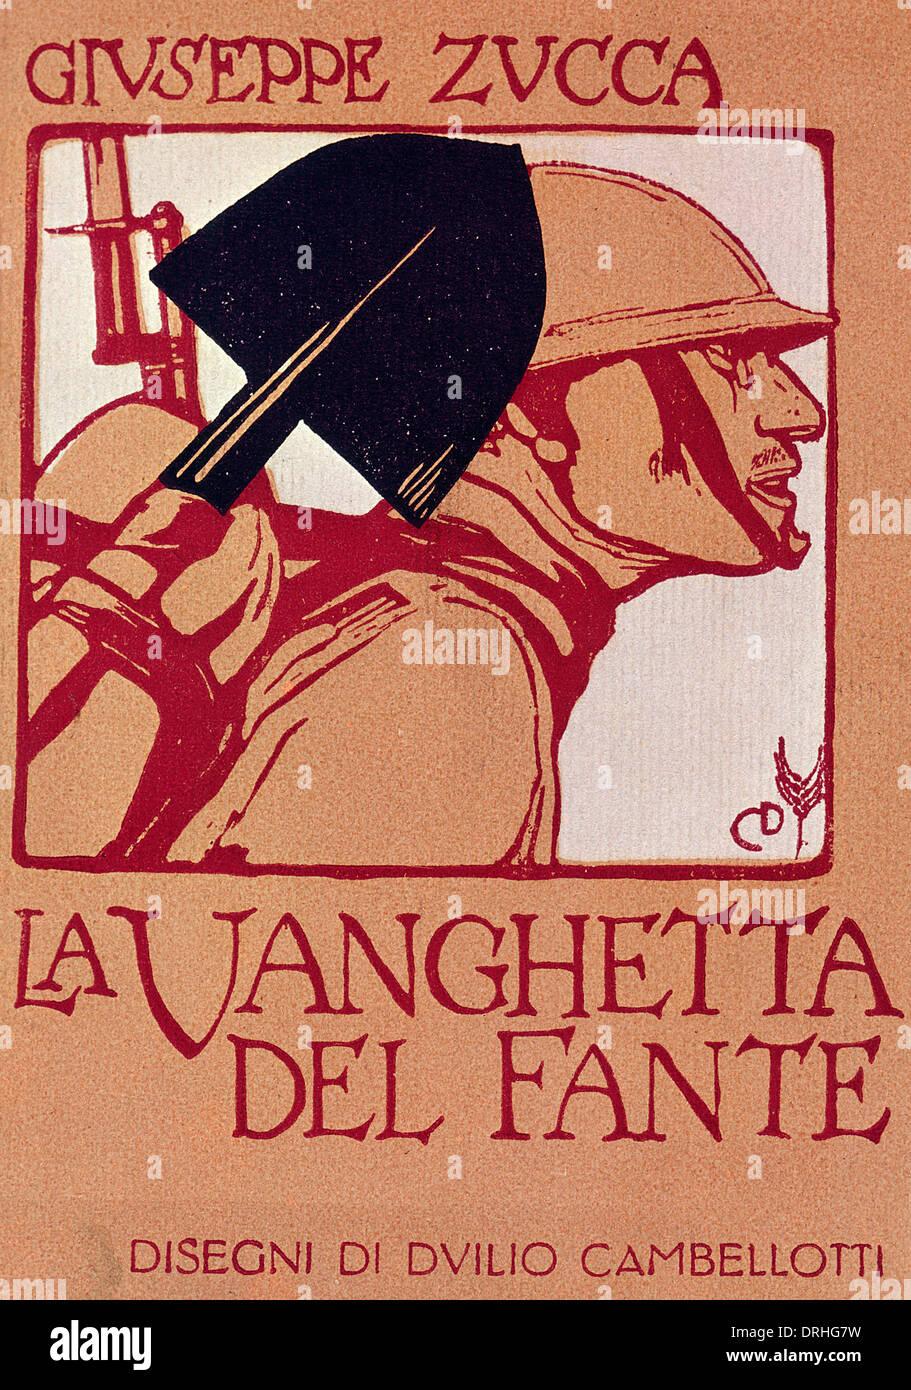 Book cover design, La Vanghetta del Fante - Stock Image